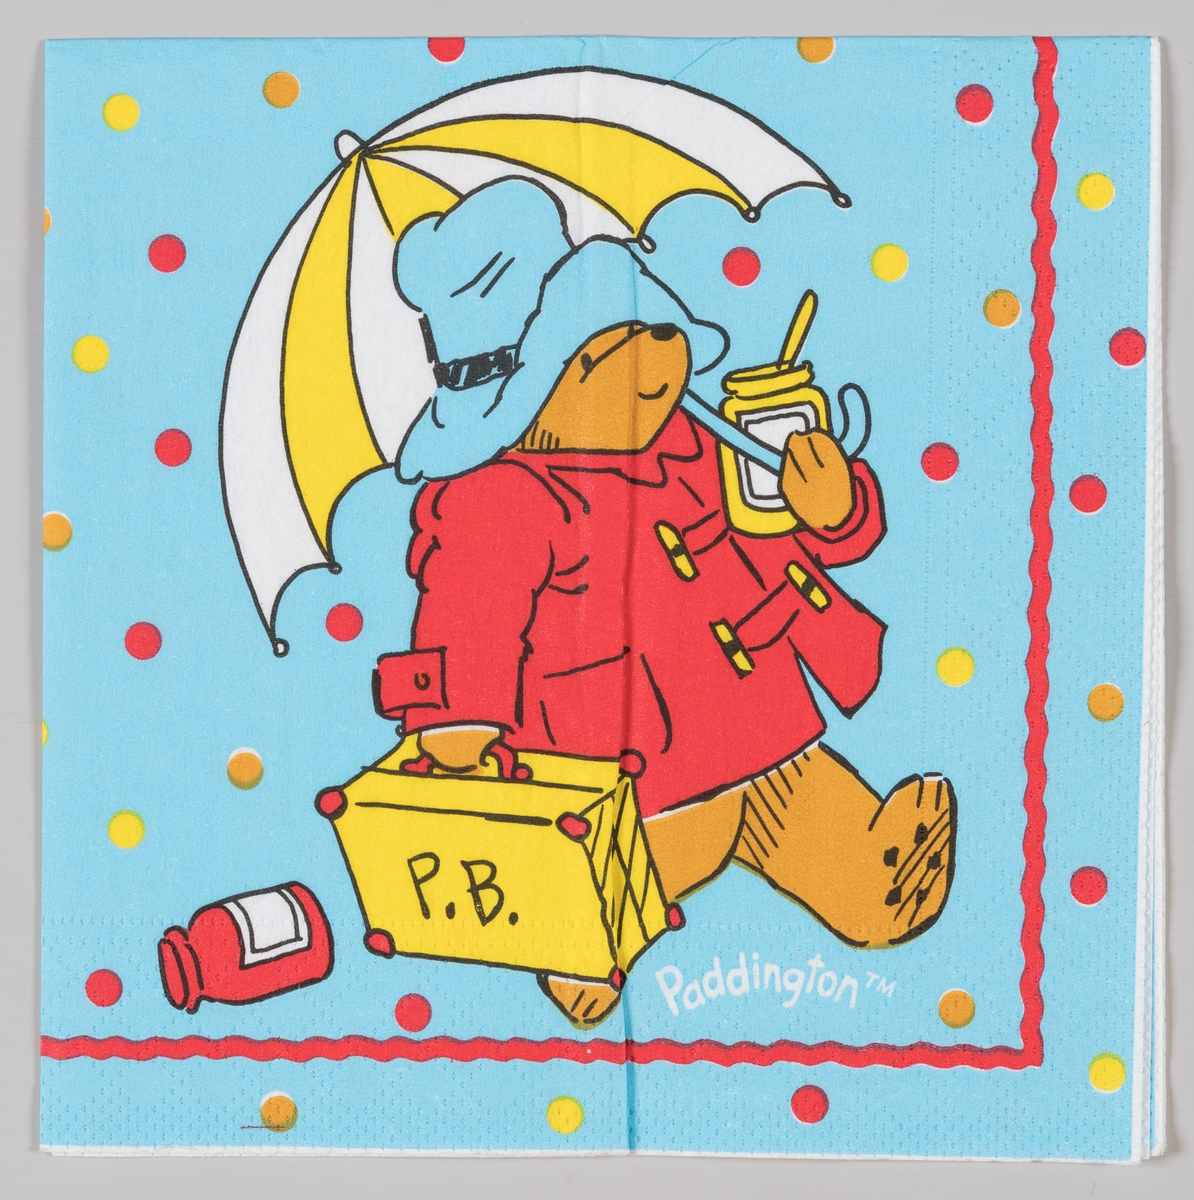 Bjørnen Paddington med frakk, hatt, paraply og koffert.  Bjørnen Paddington er hovedperson i en rekke barnebøker av forfatteren Michael Bond som utkom fra 1958.